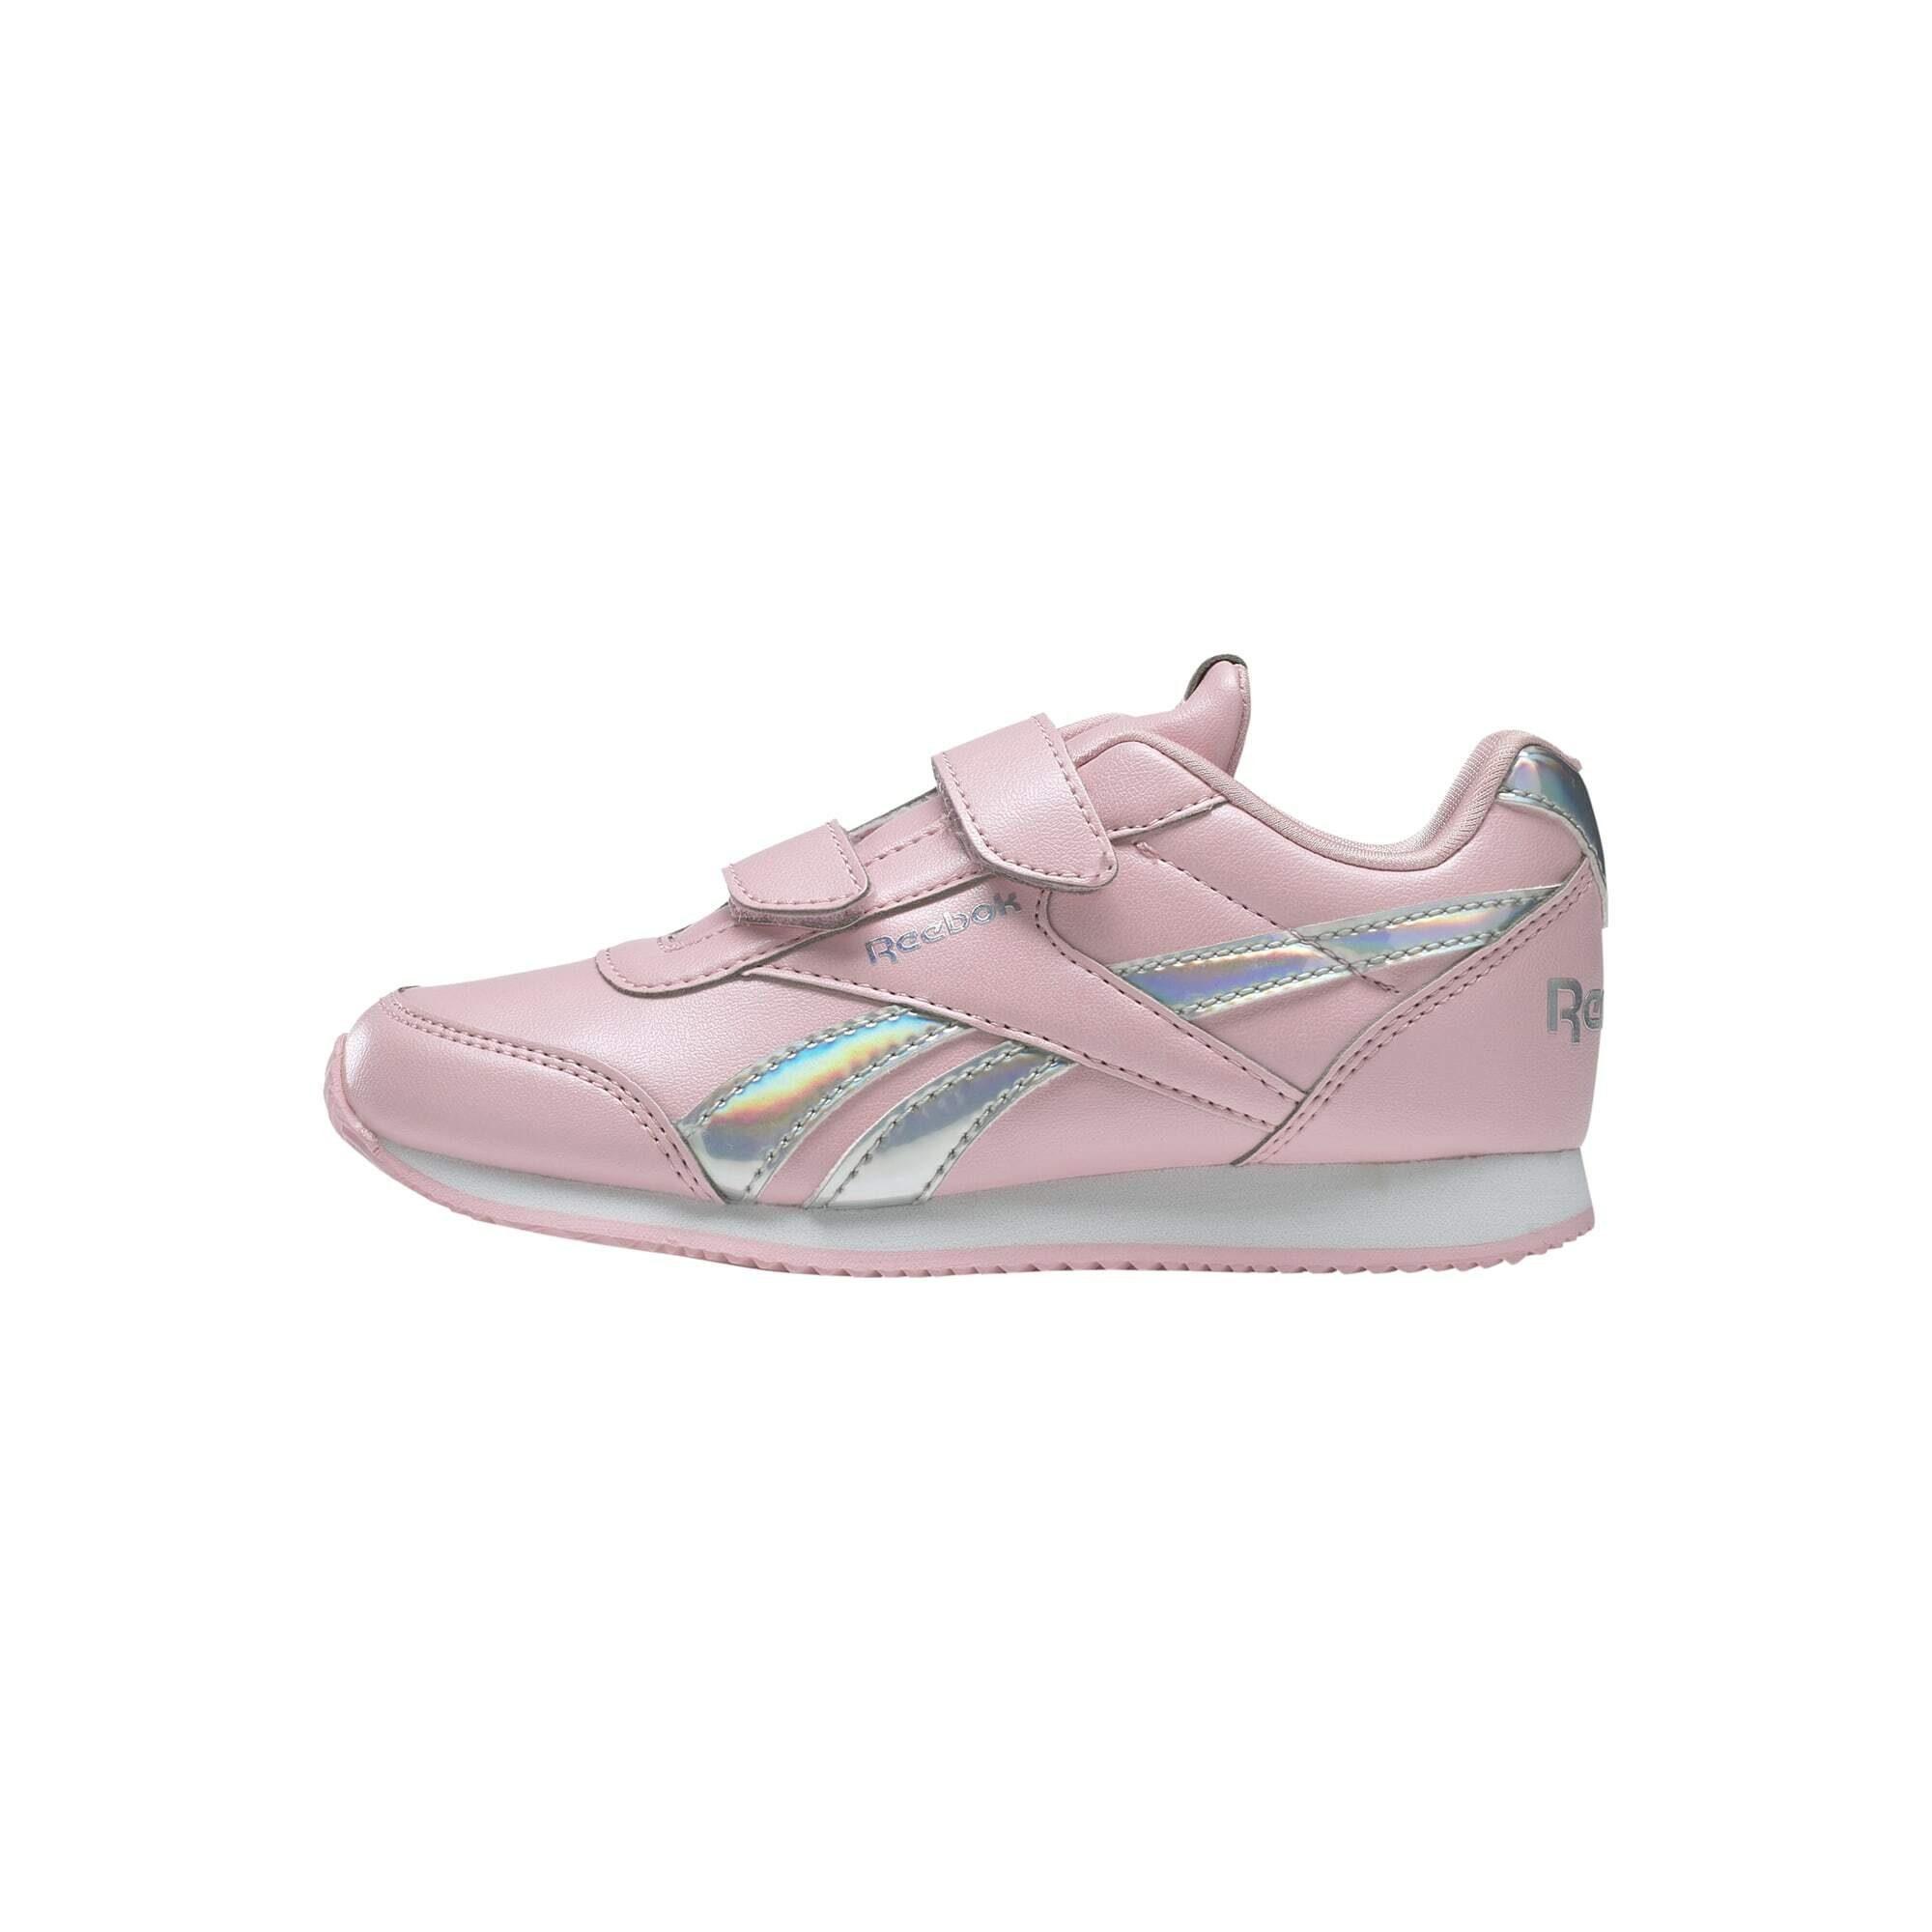 Adidas Disney Schuhe Daisy Minnie Größe 27 wie neu